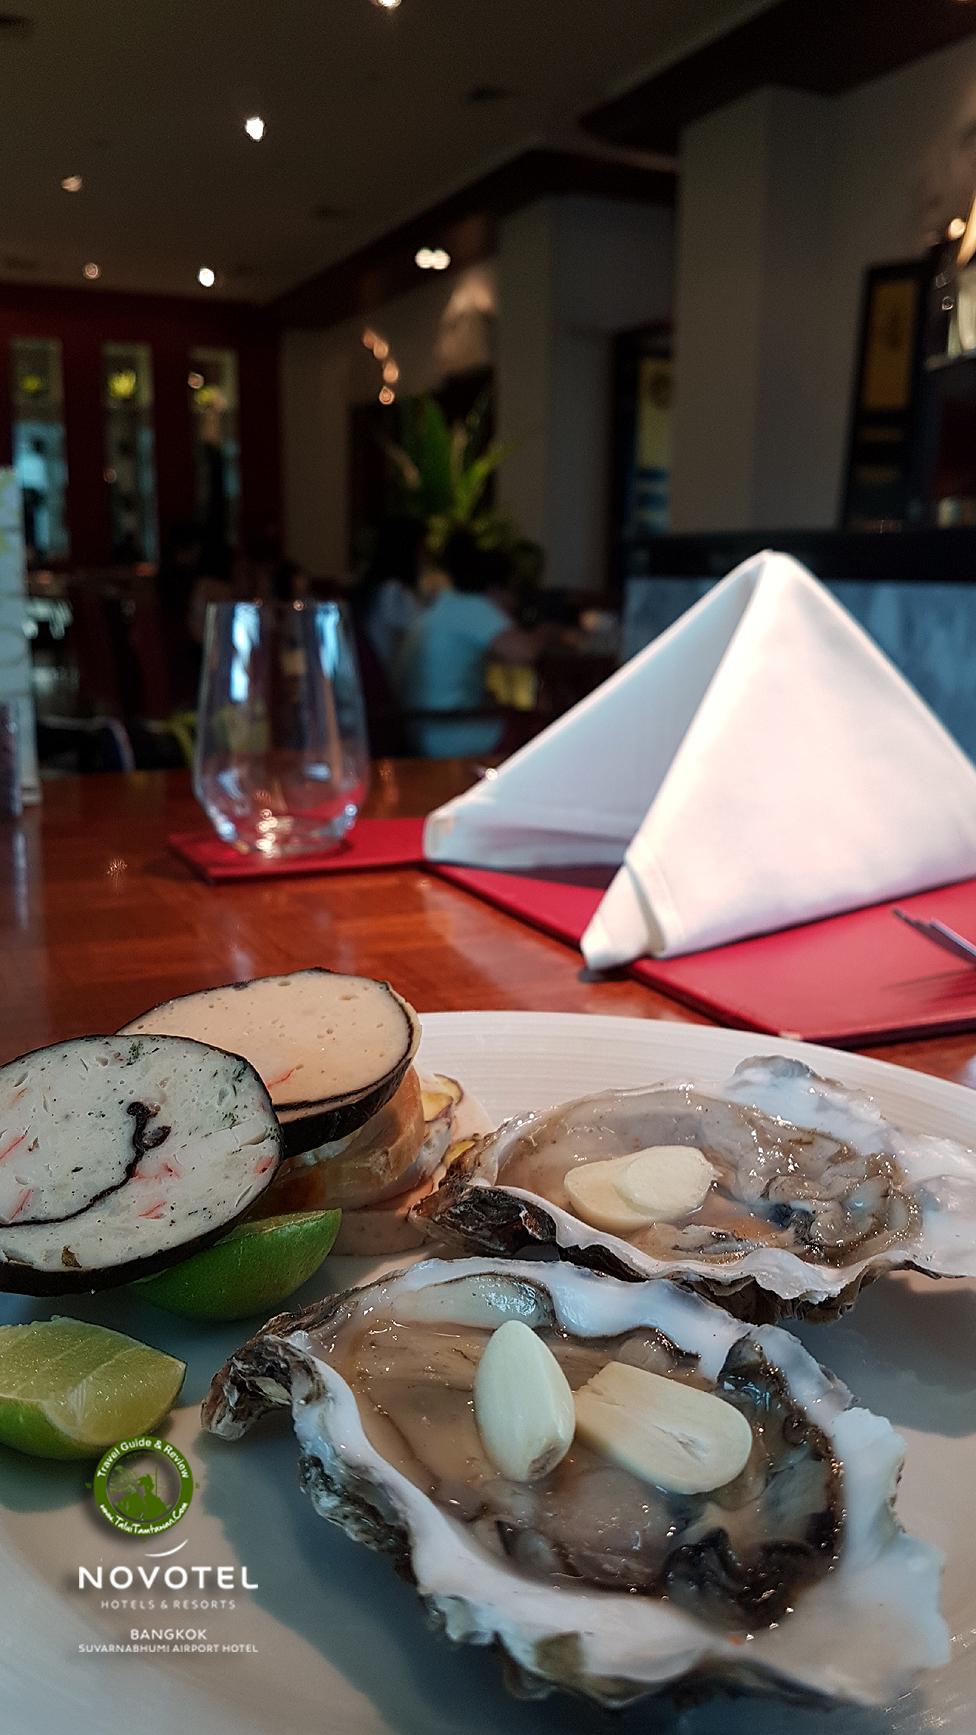 วันพักผ่อน ตื่นสายหน่อย มีอาหารมื้อพิเศษ Lunch : ซึ่งจะเน้น Seafood ครับ